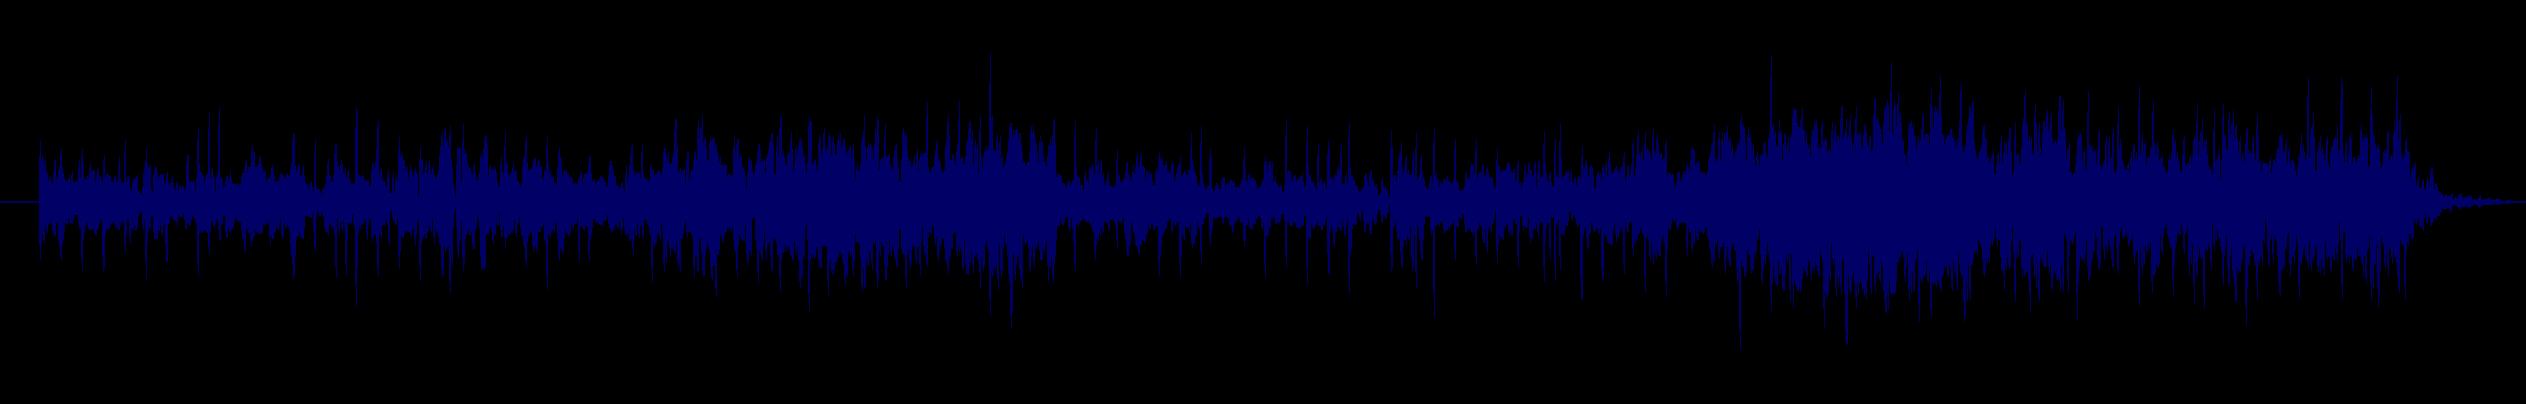 waveform of track #99387